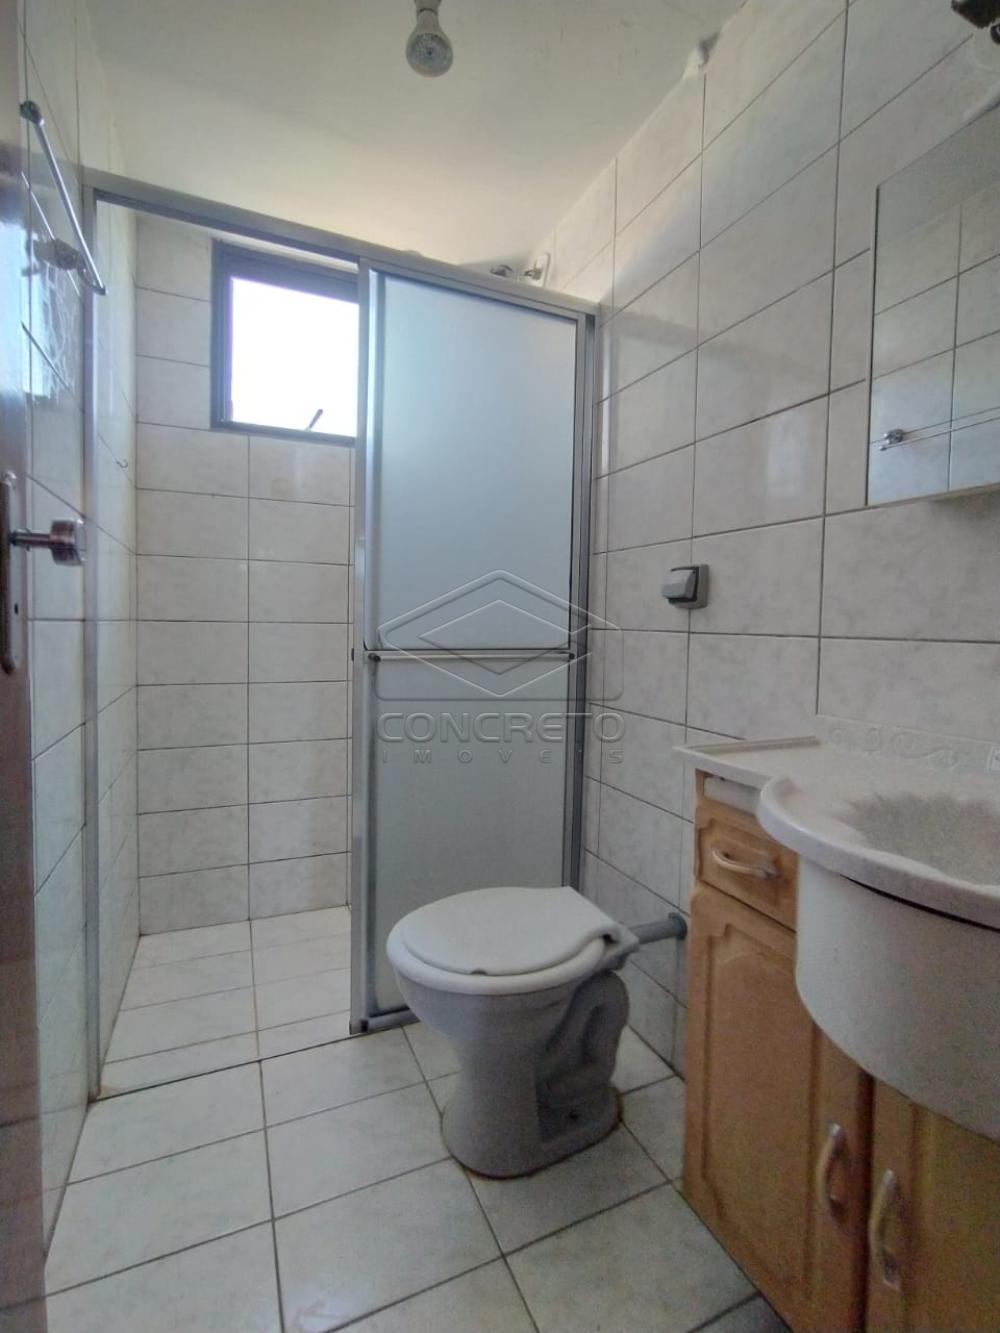 Alugar Apartamento / Padrão em Bauru R$ 700,00 - Foto 2